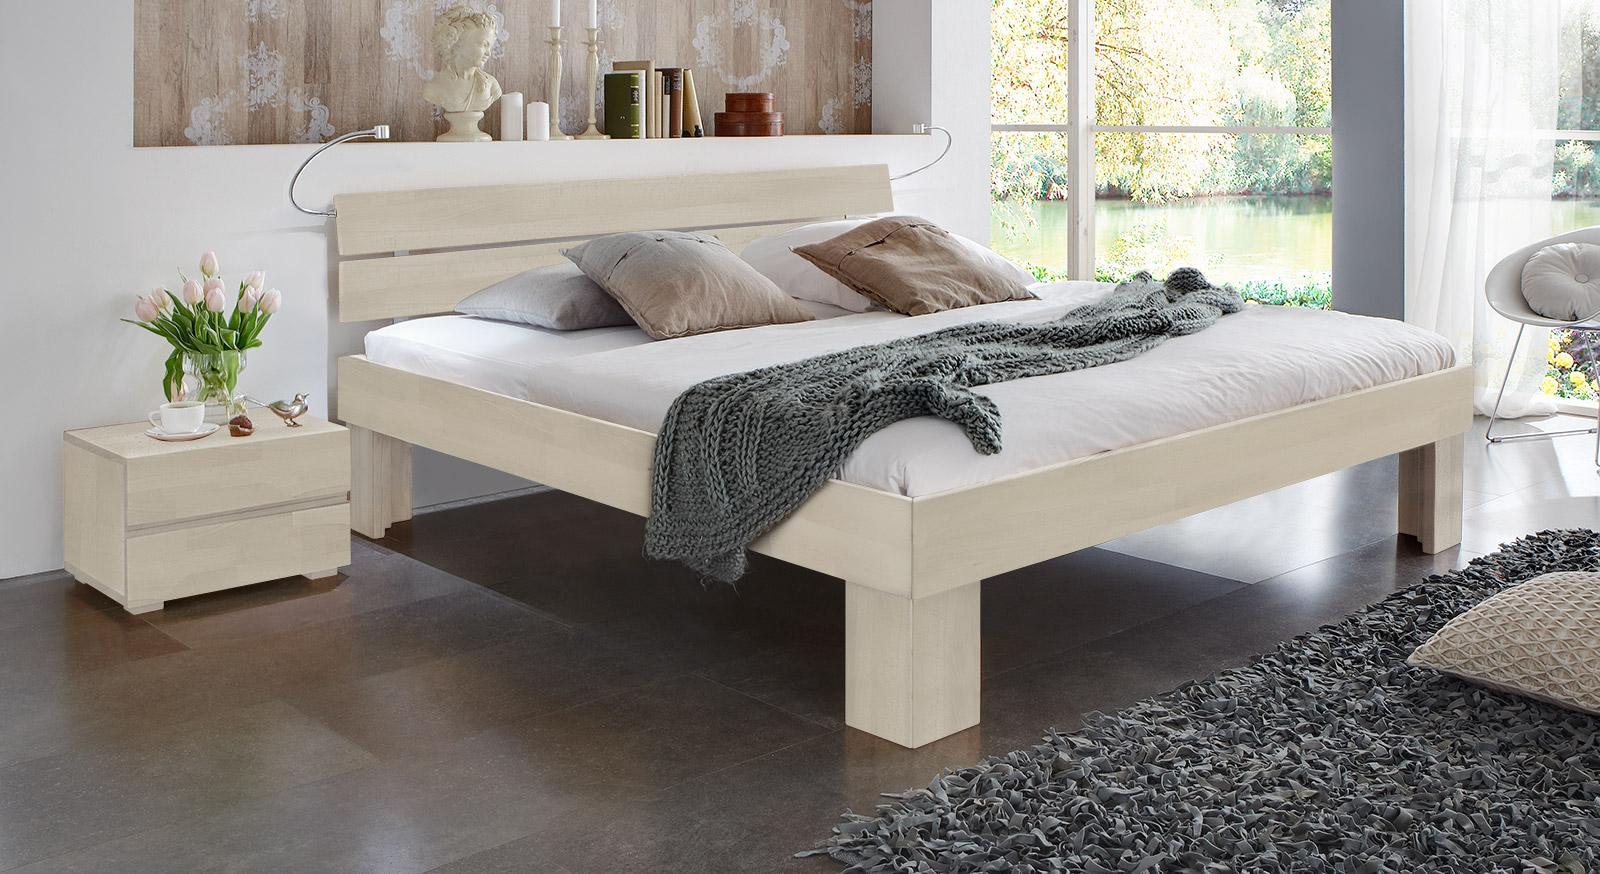 Bett Lucca Komfort mit einer Fußhoehe von 30cm in weißer Buche